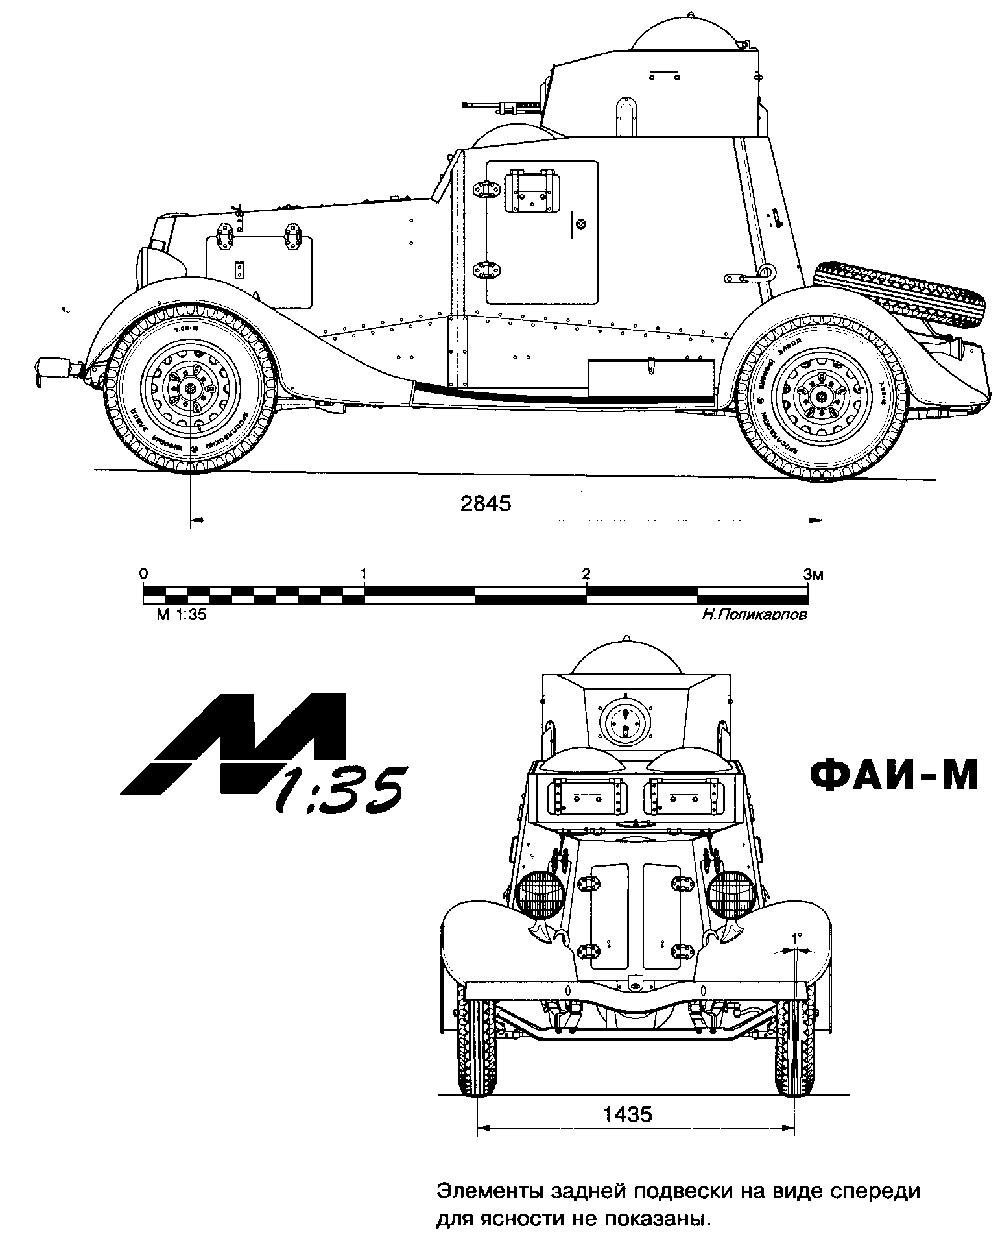 Чертеж бронеавтомобиля ФАИ